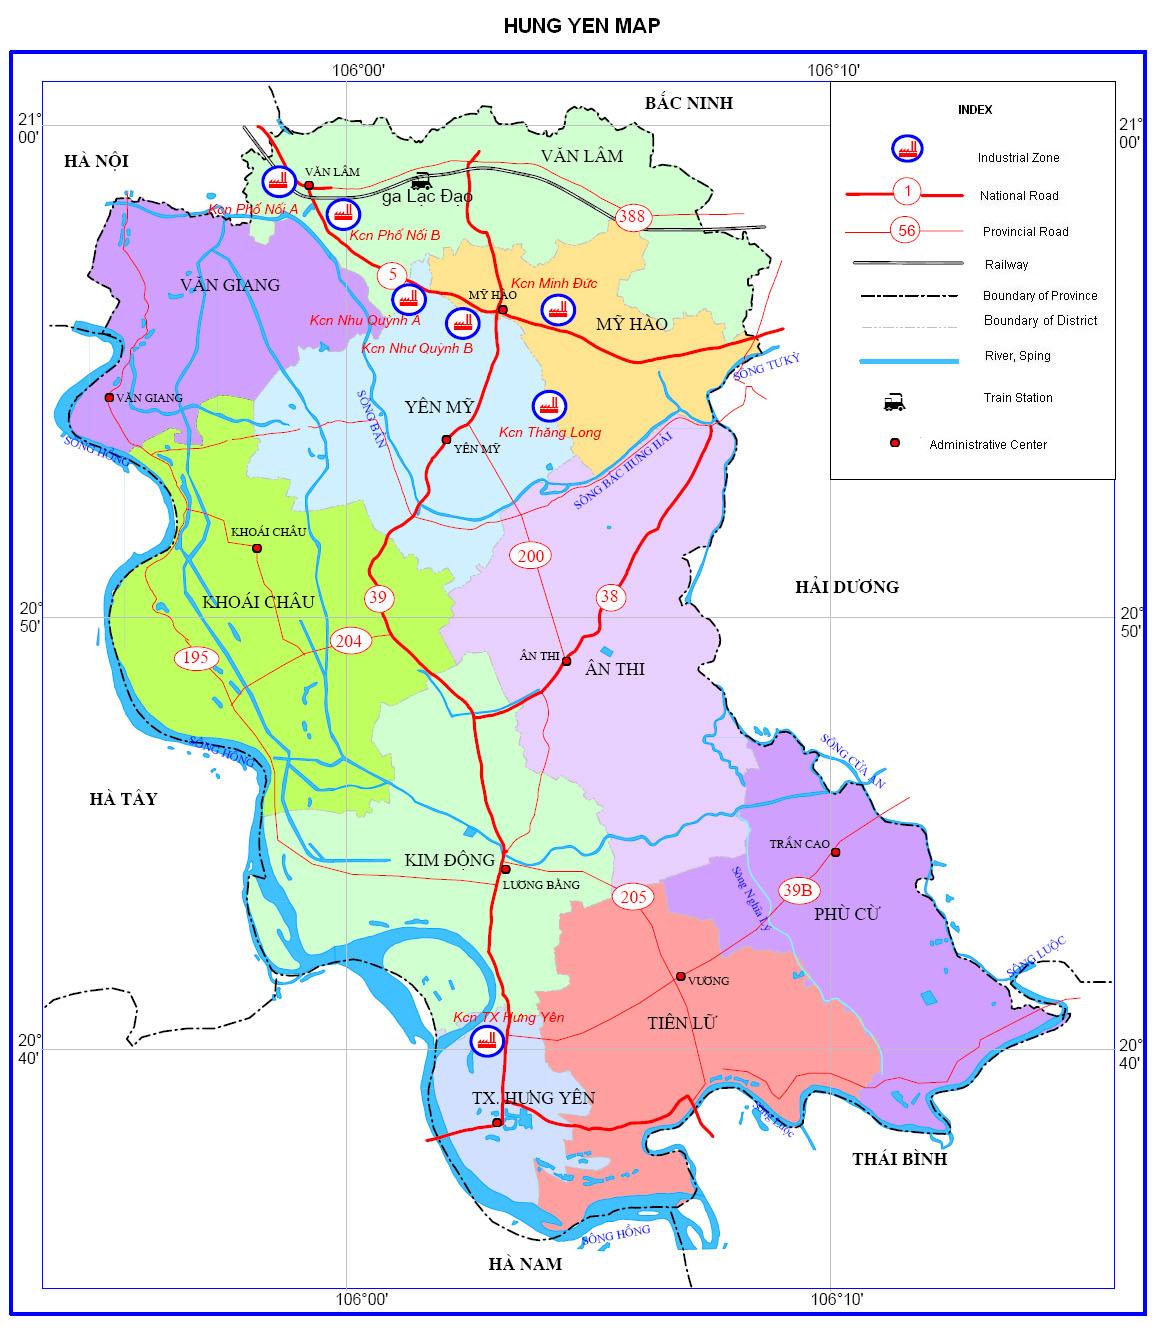 Bảng giá nhà đất Hưng Yên từ năm 2015 đến 2020